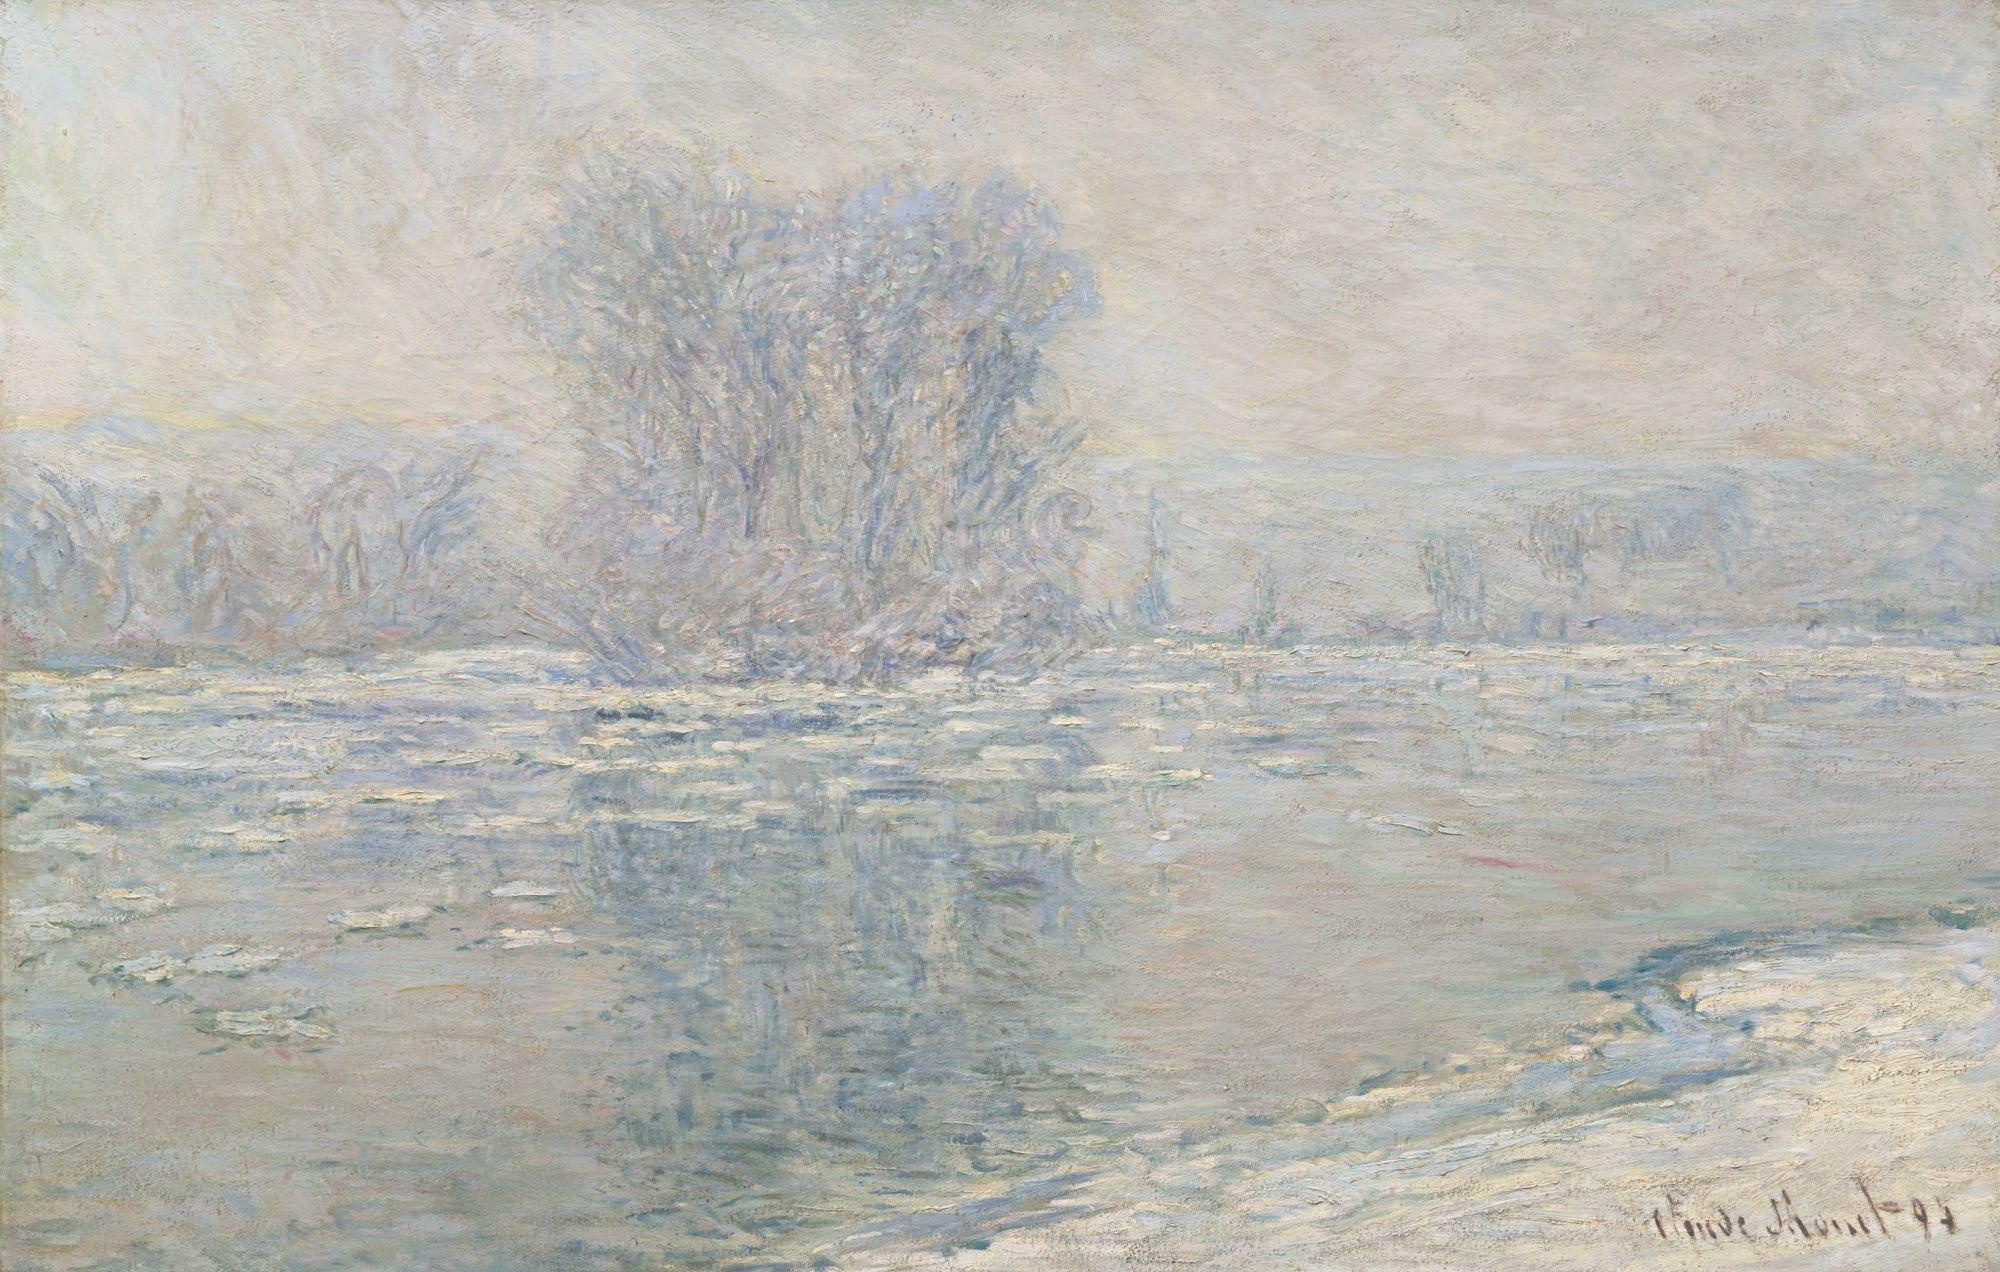 Claude Monet - Glacons, Effet Blanc, 1893, oil on canvas, 65.5 x 100 cm